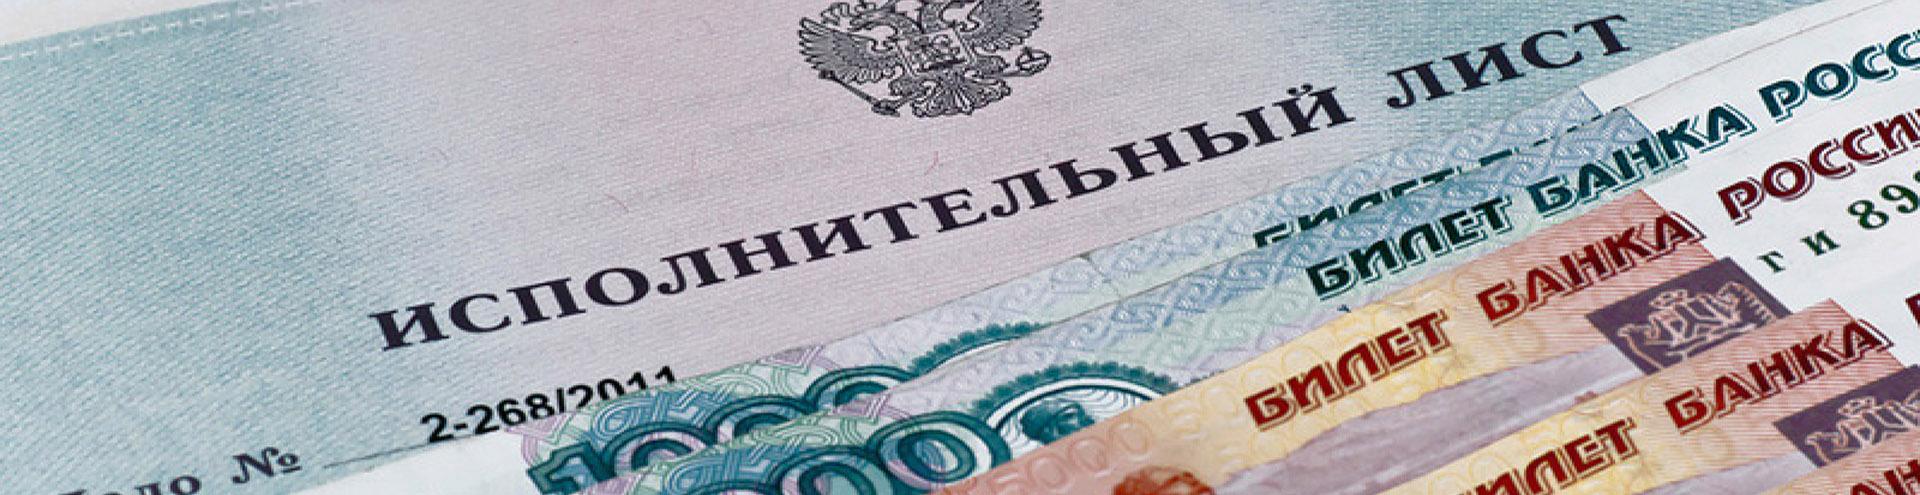 исполнительное производство в Ижевске и Удмуртской Республике